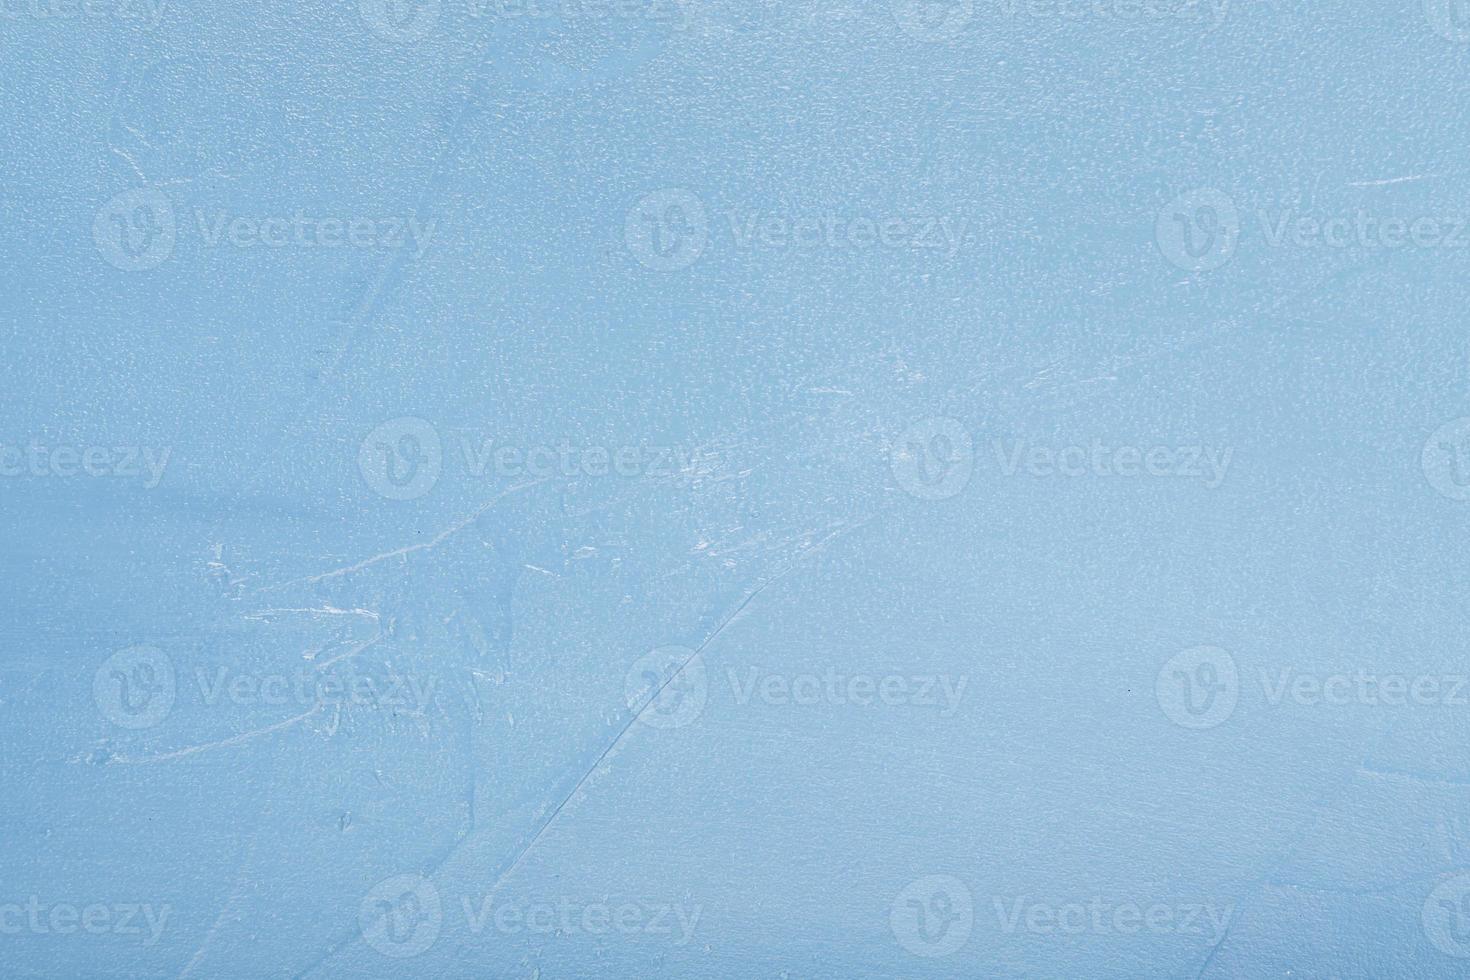 gelido scioglimento del ghiaccio che annuncia la primavera in azzurro foto